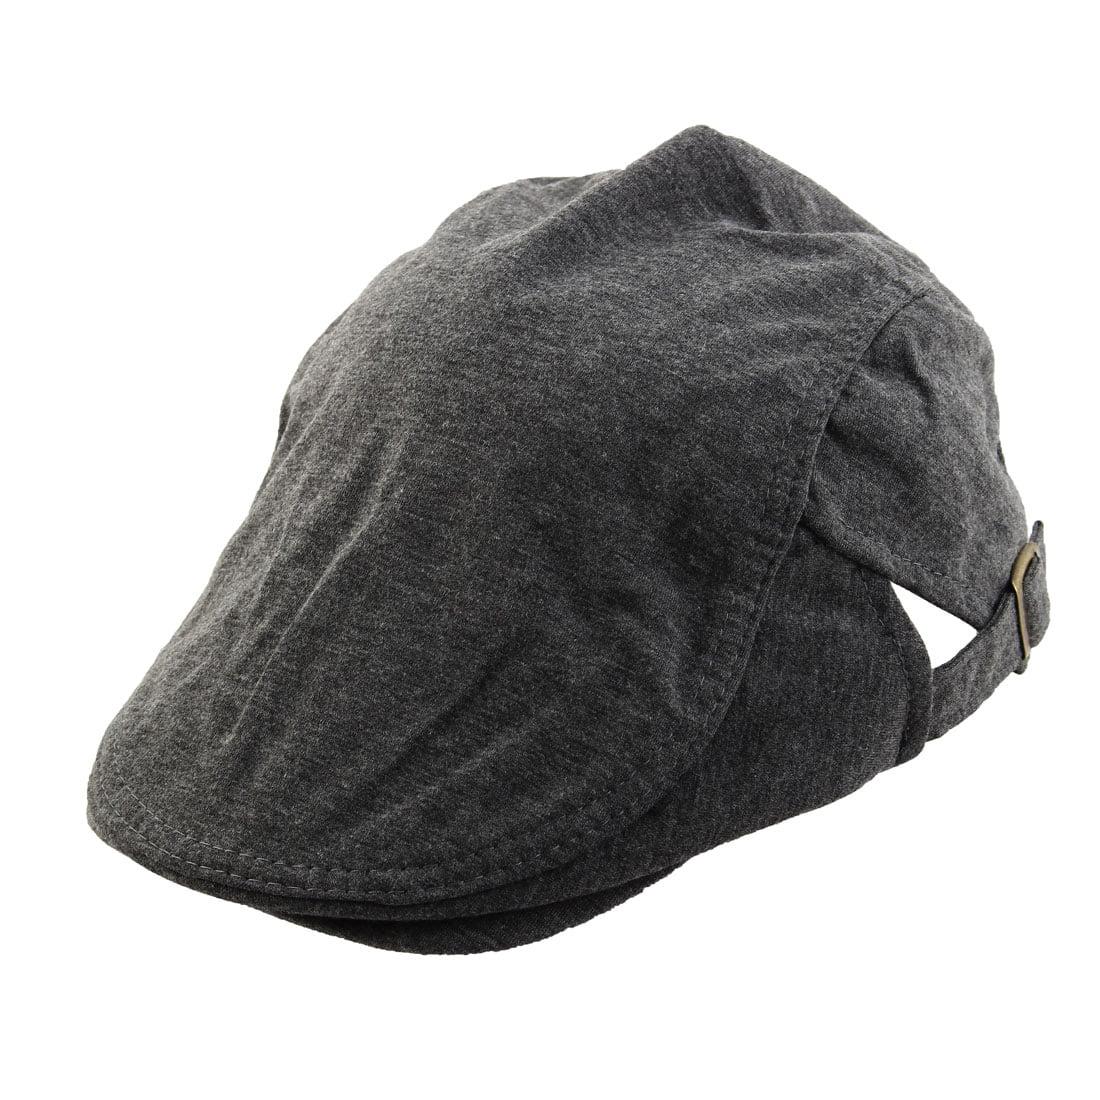 c08425e3aaf Men Women Classical Newsboy Ivy Cap Driving Golf Casual Flat Beret Hat Gray